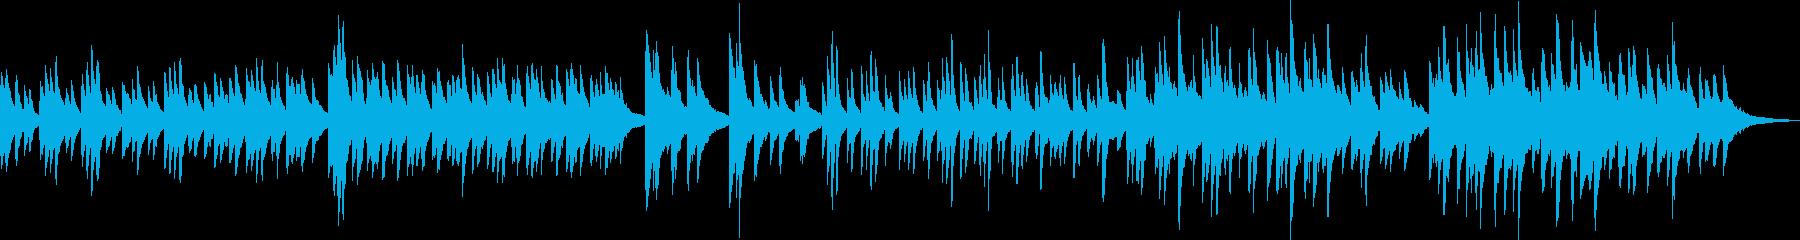 仲直りの曲(ピアノ・優しい・感動)の再生済みの波形